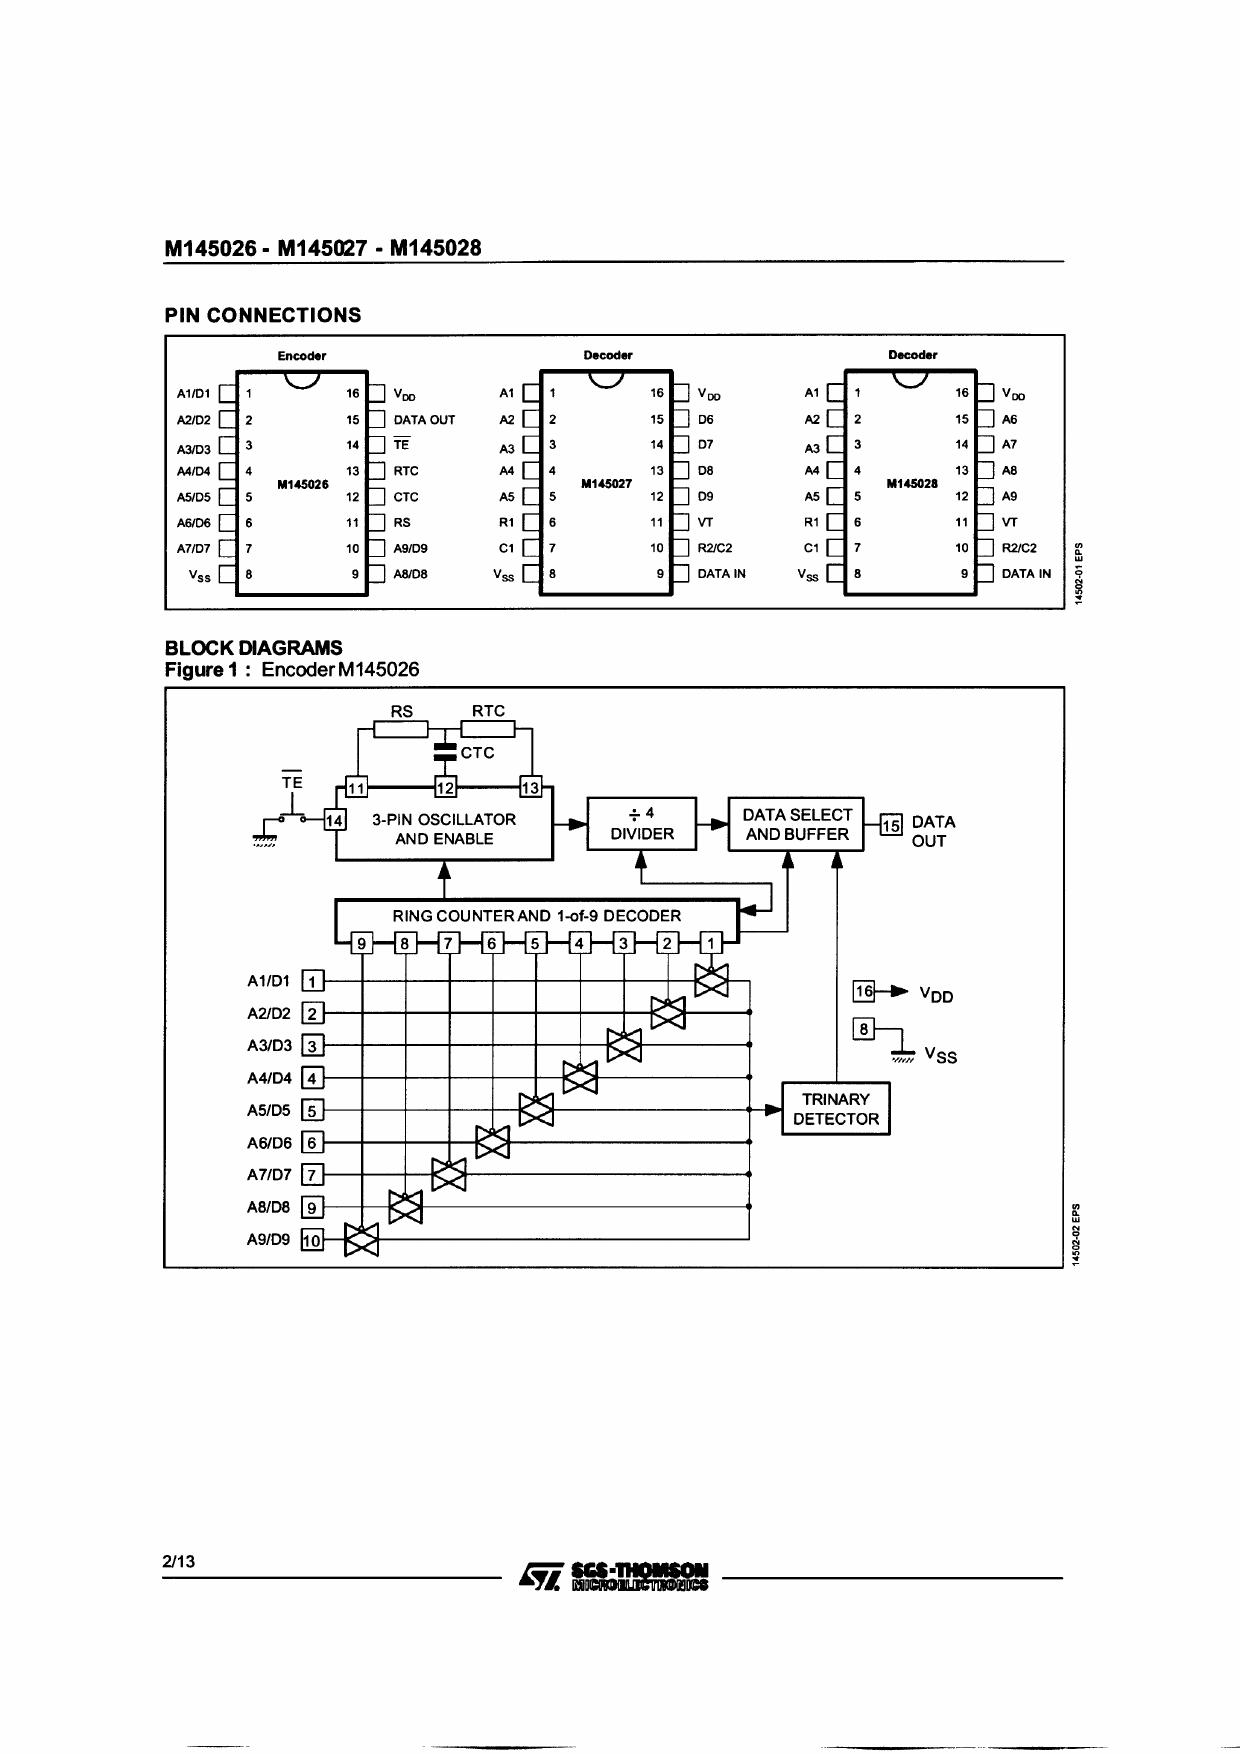 m145026b1 datasheet pdf   pinout    decoder circuit